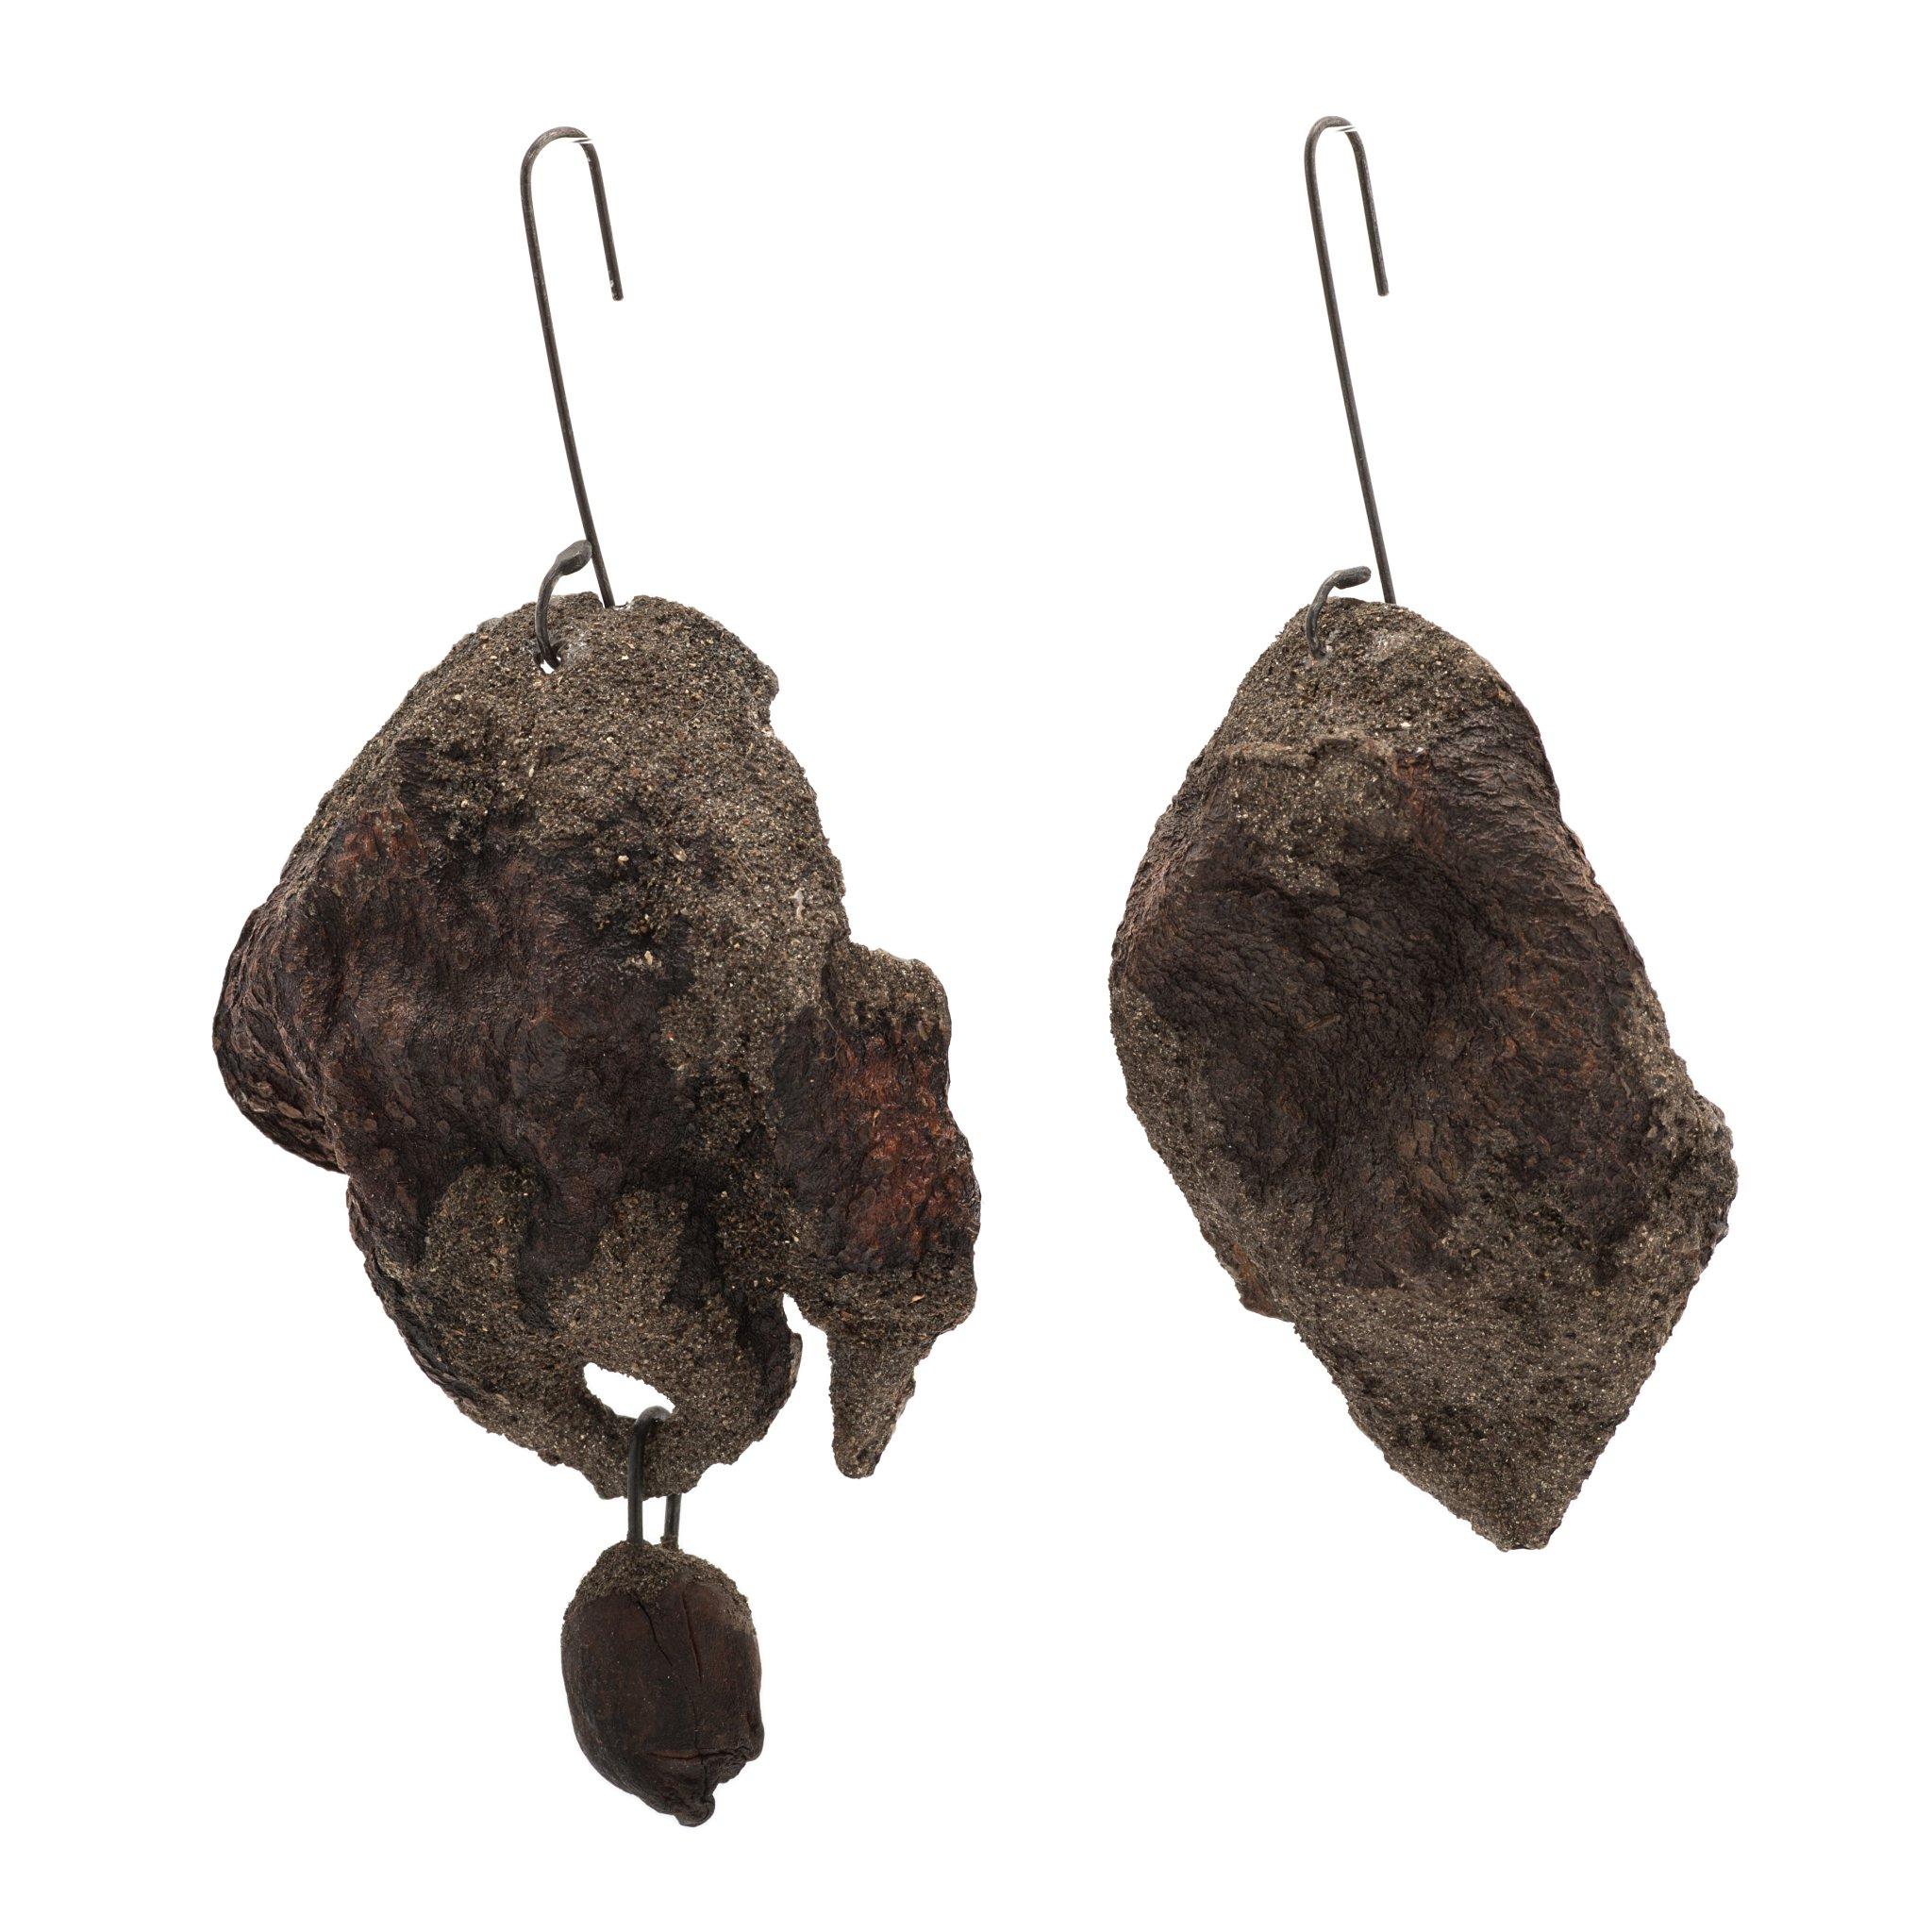 avocado-earrings-no-6-1